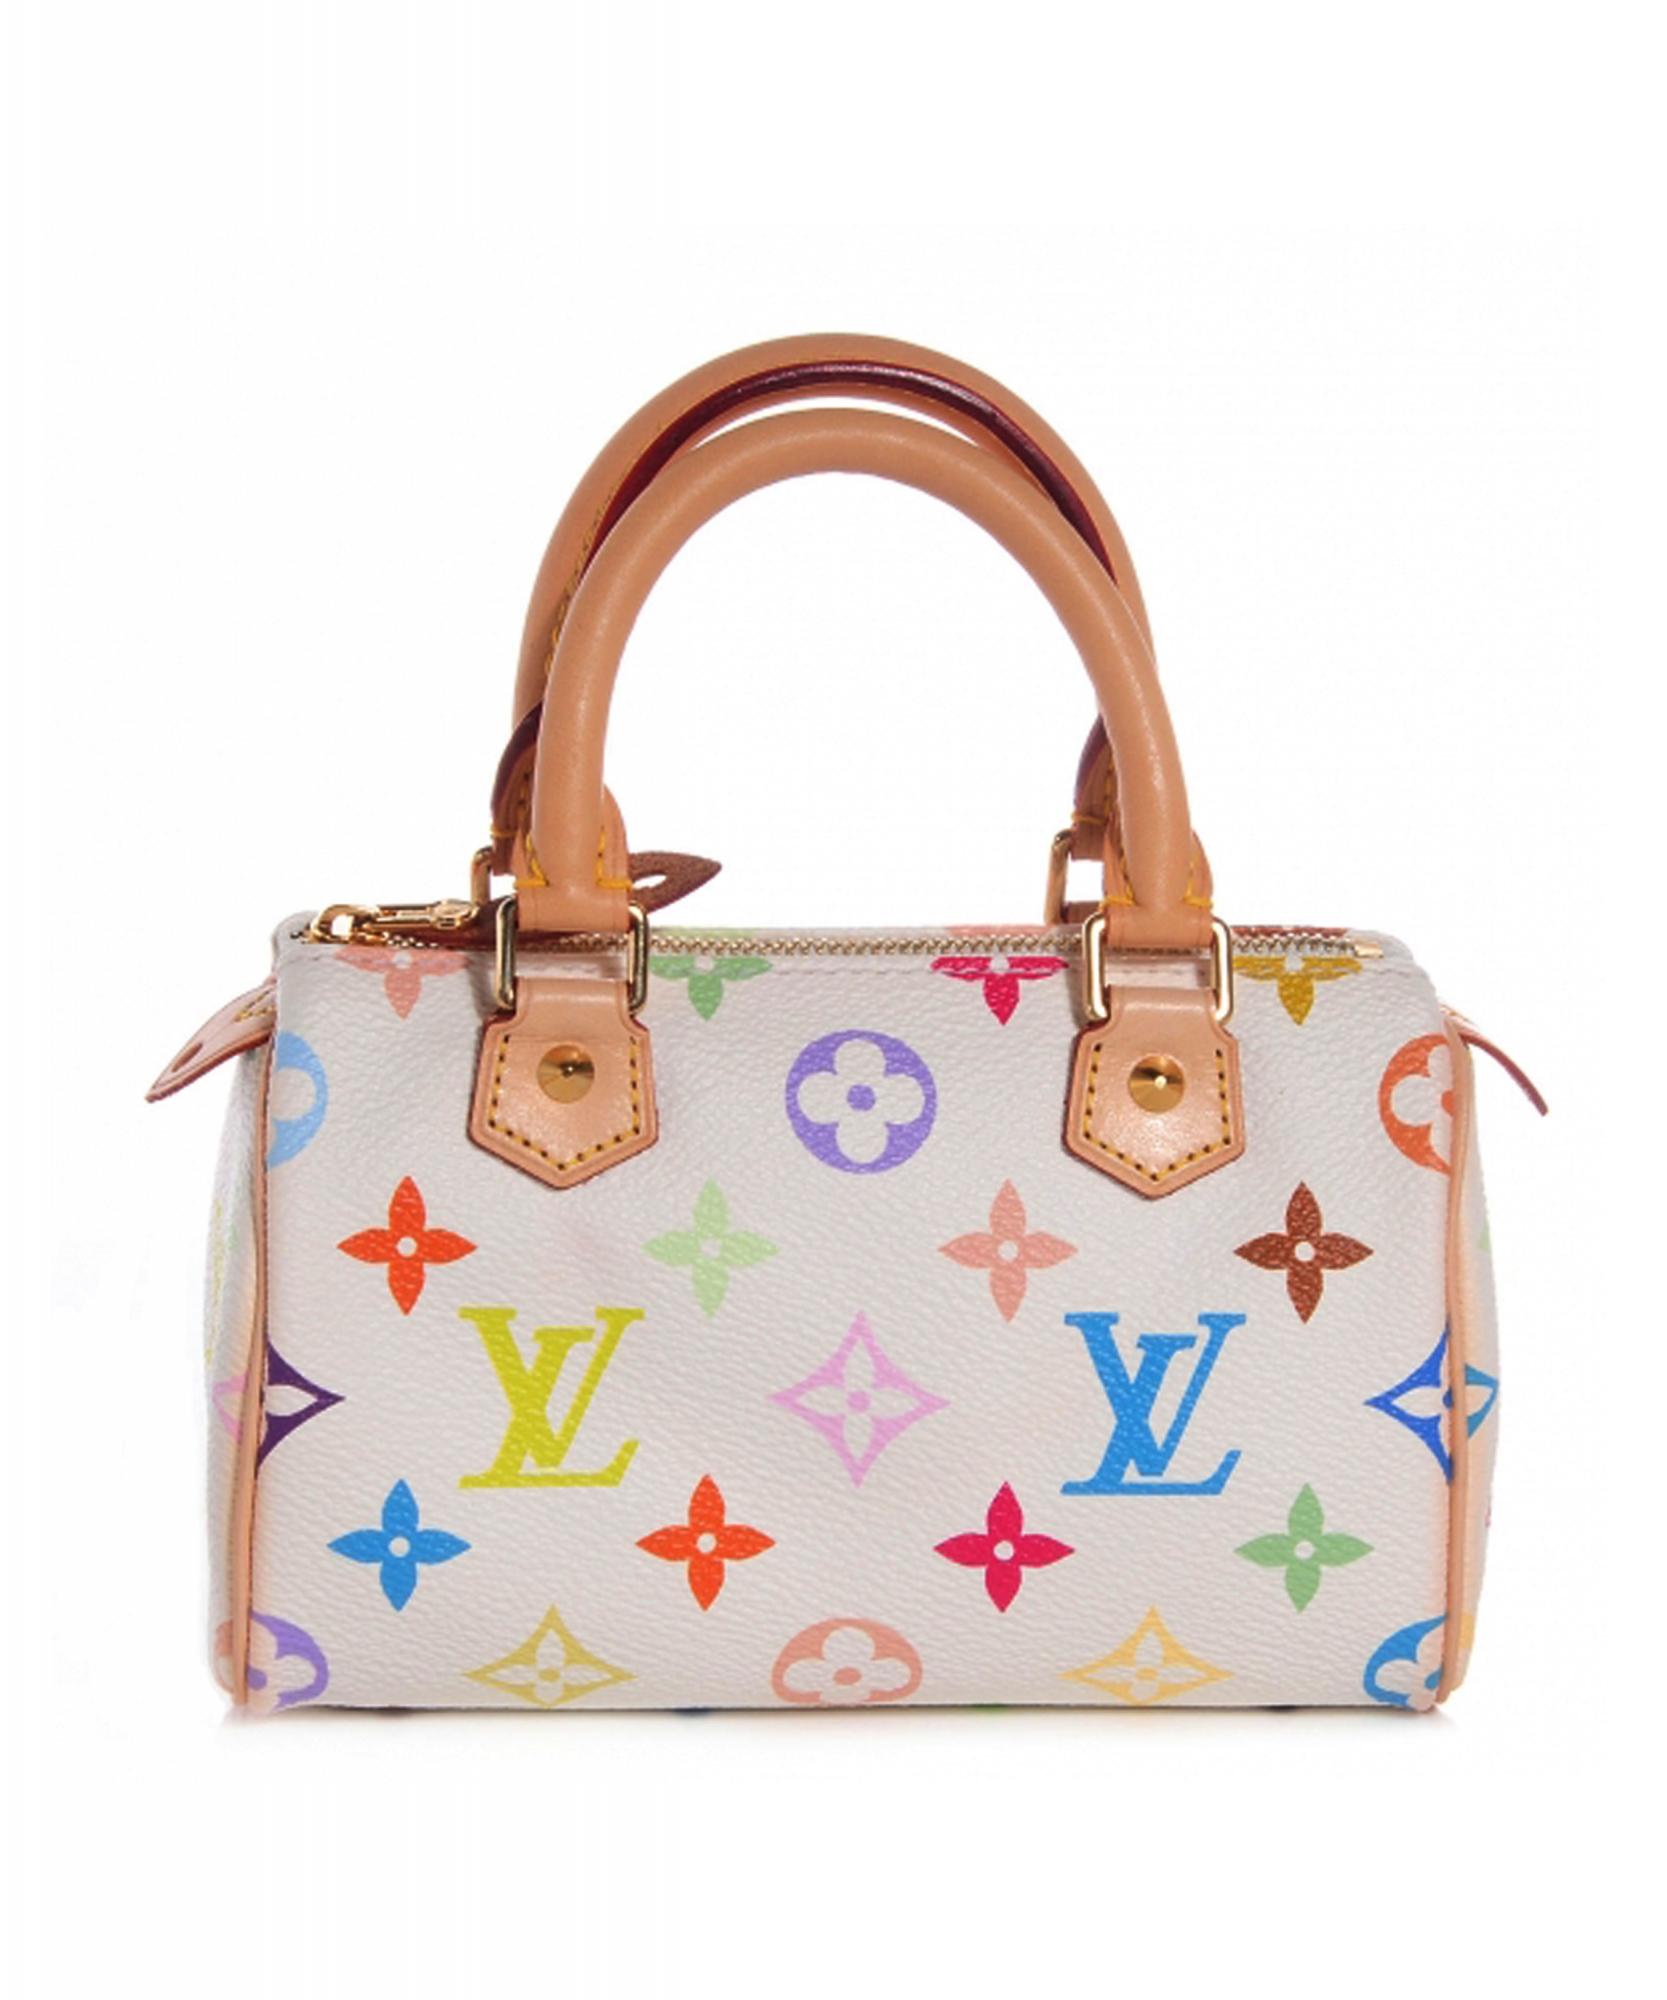 e63f1a520e272 Louis Vuitton Mini HL Multicolore Handbag | La Doyenne